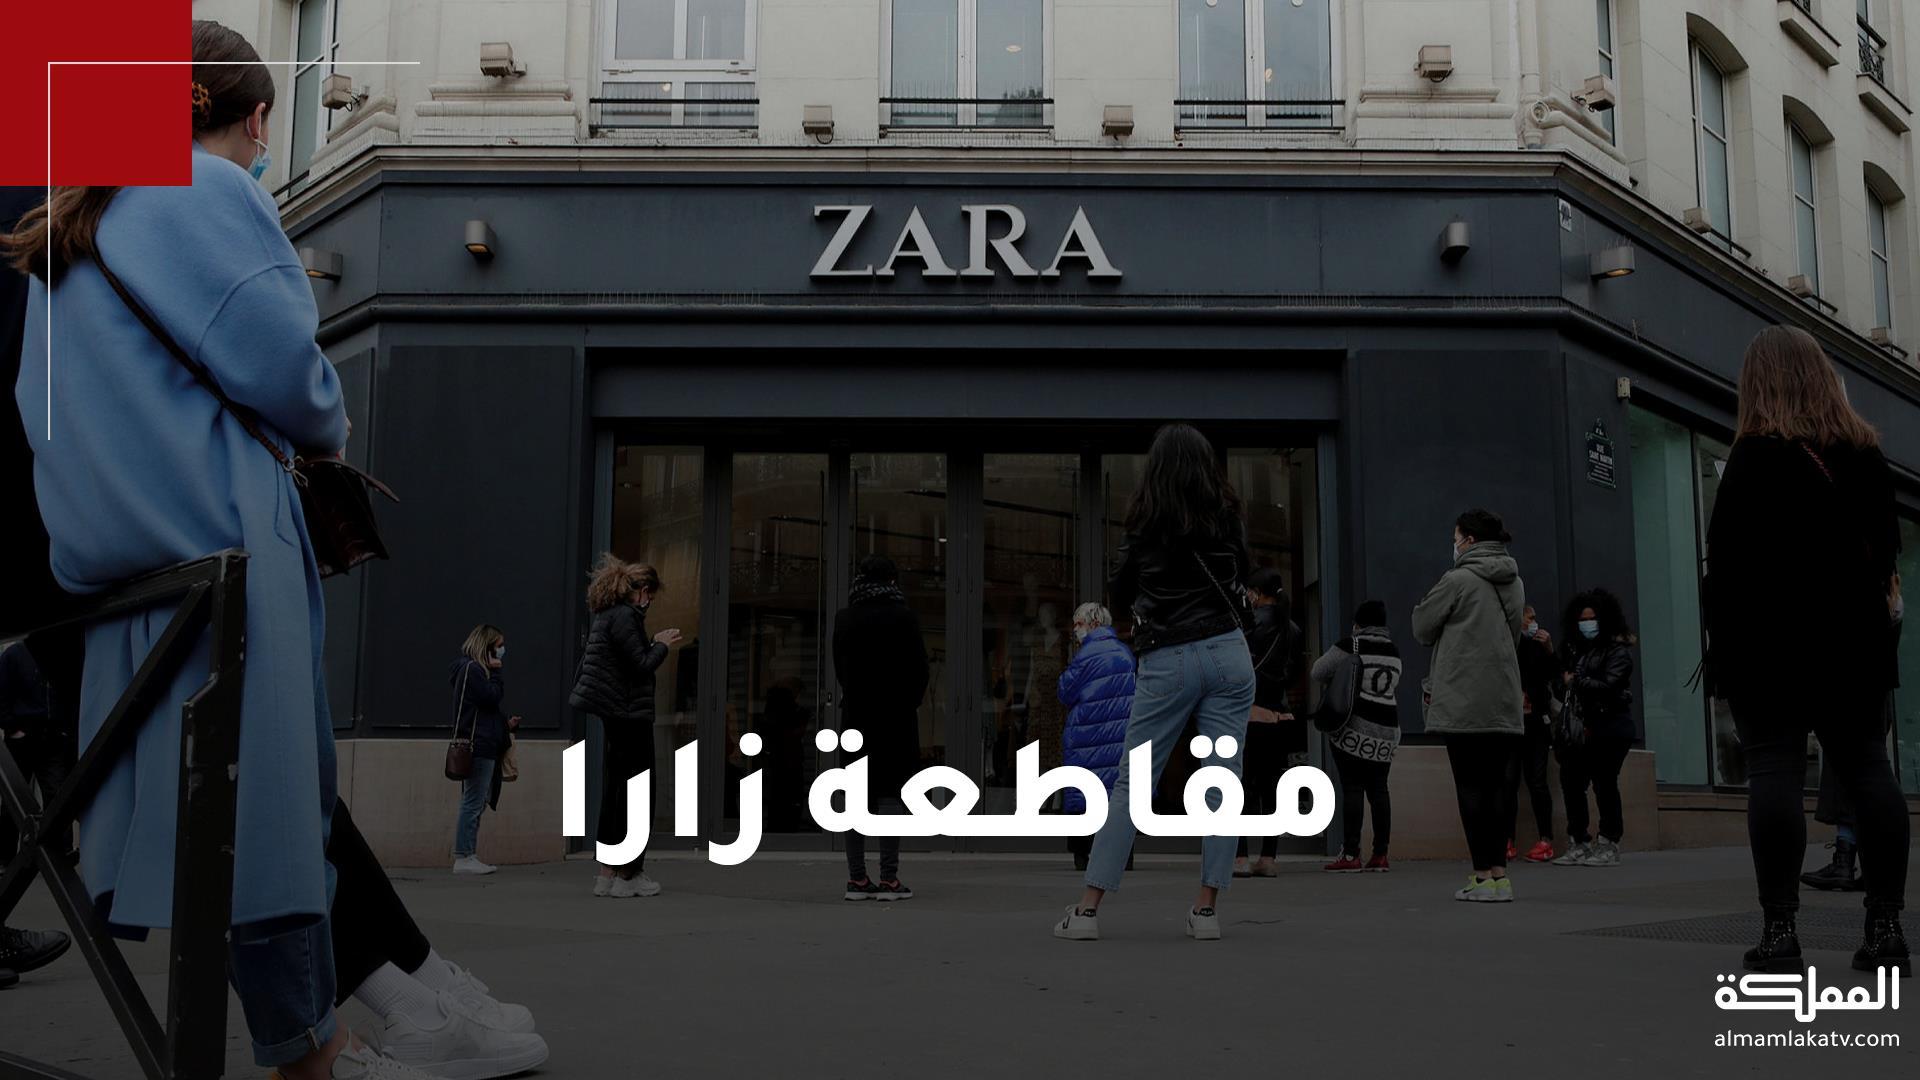 """حملة لمقاطعة سلسلة متاجر """"زارا"""""""